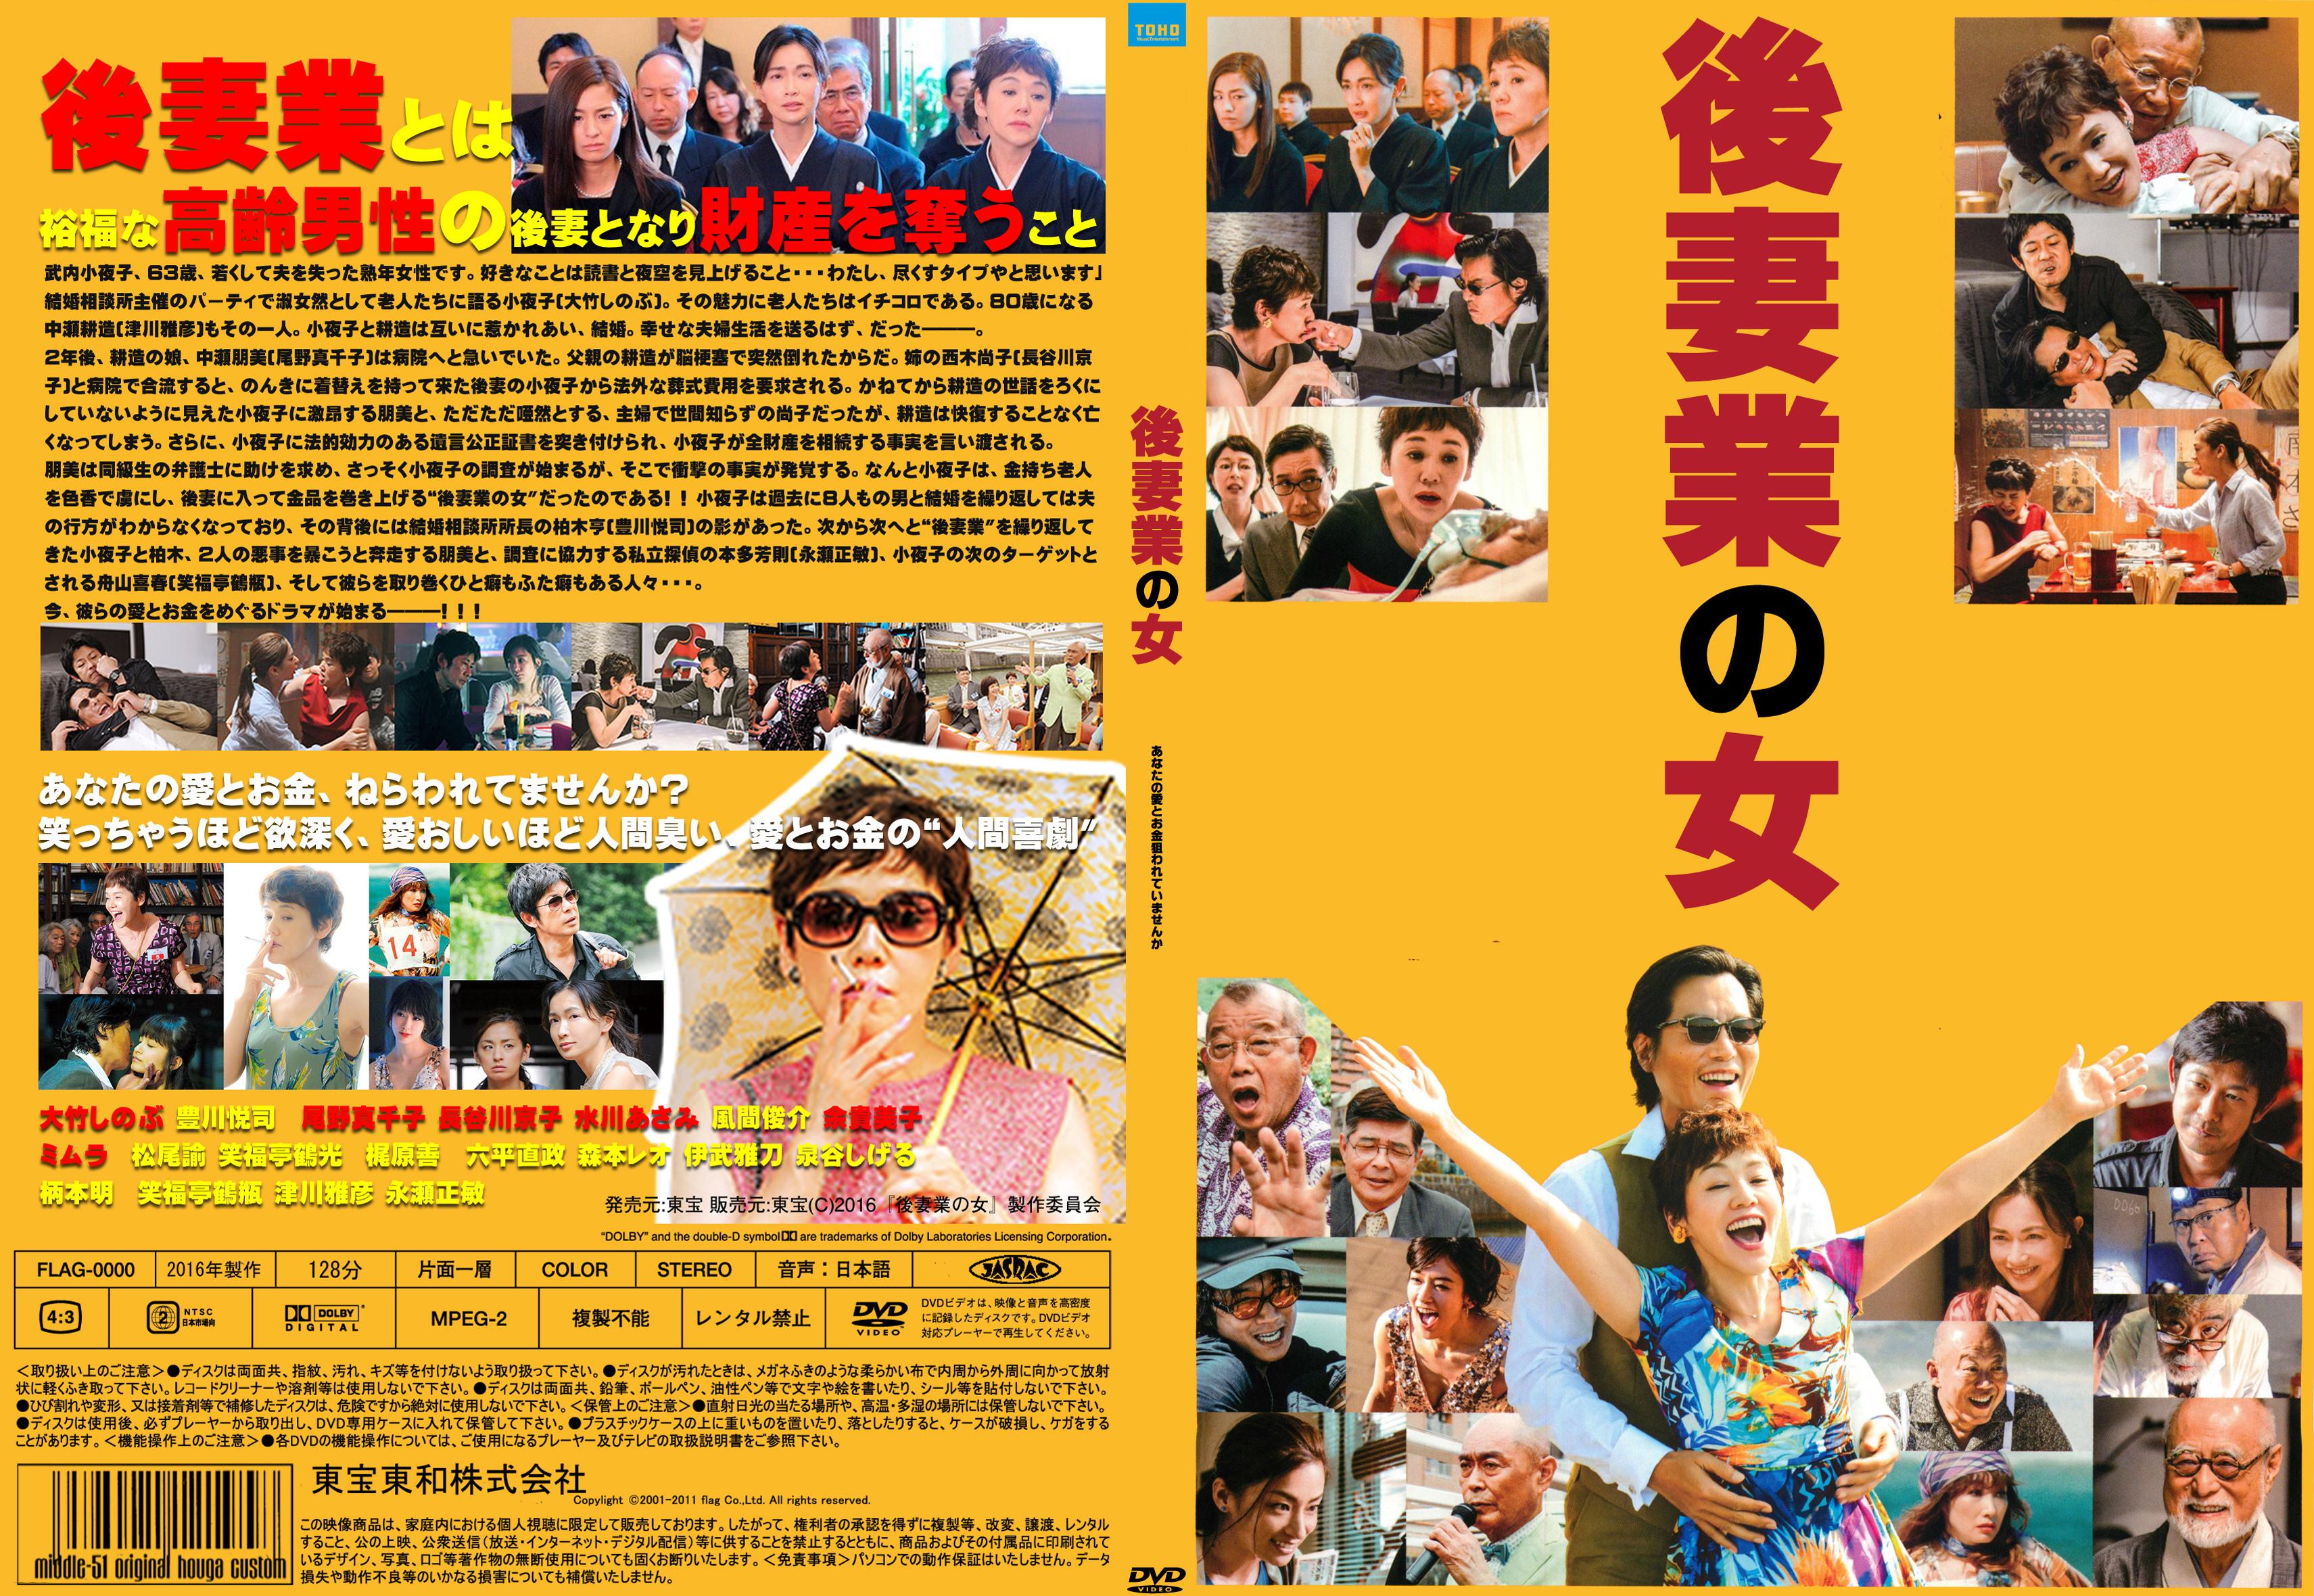 DVD 7mm